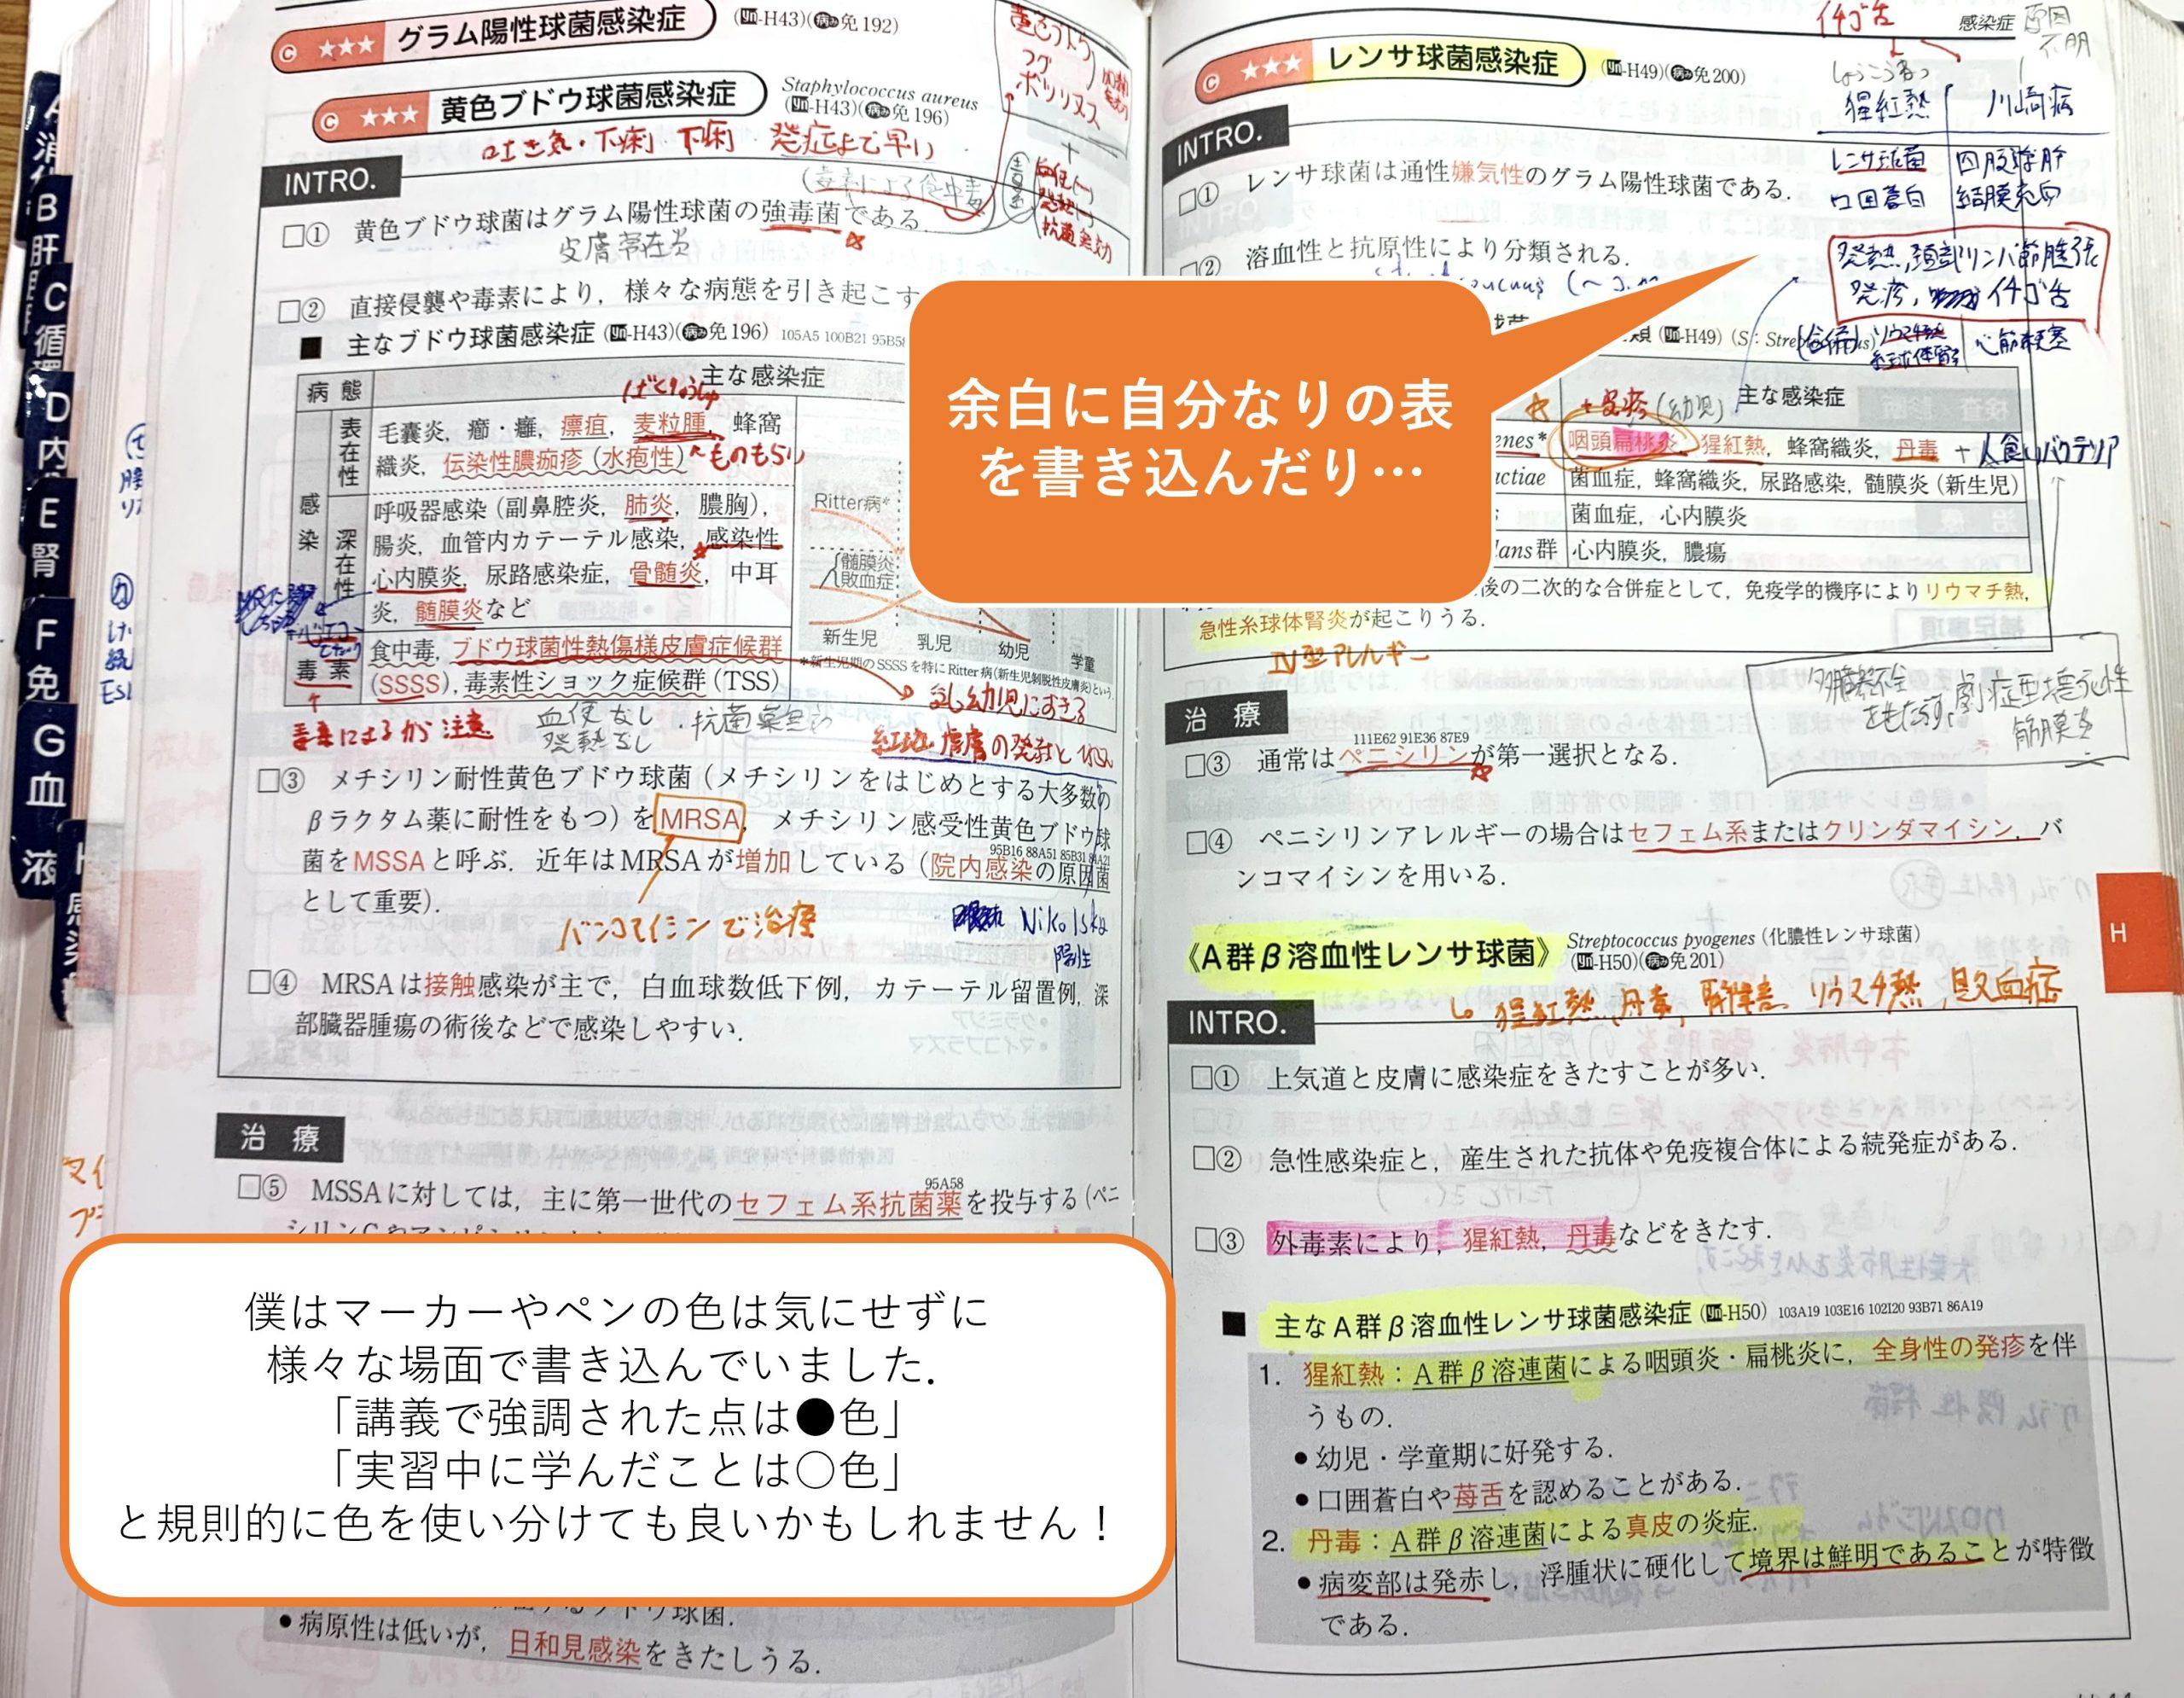 レビューブック内科・外科への書き込みの例1 表の書き込みやマーカー等